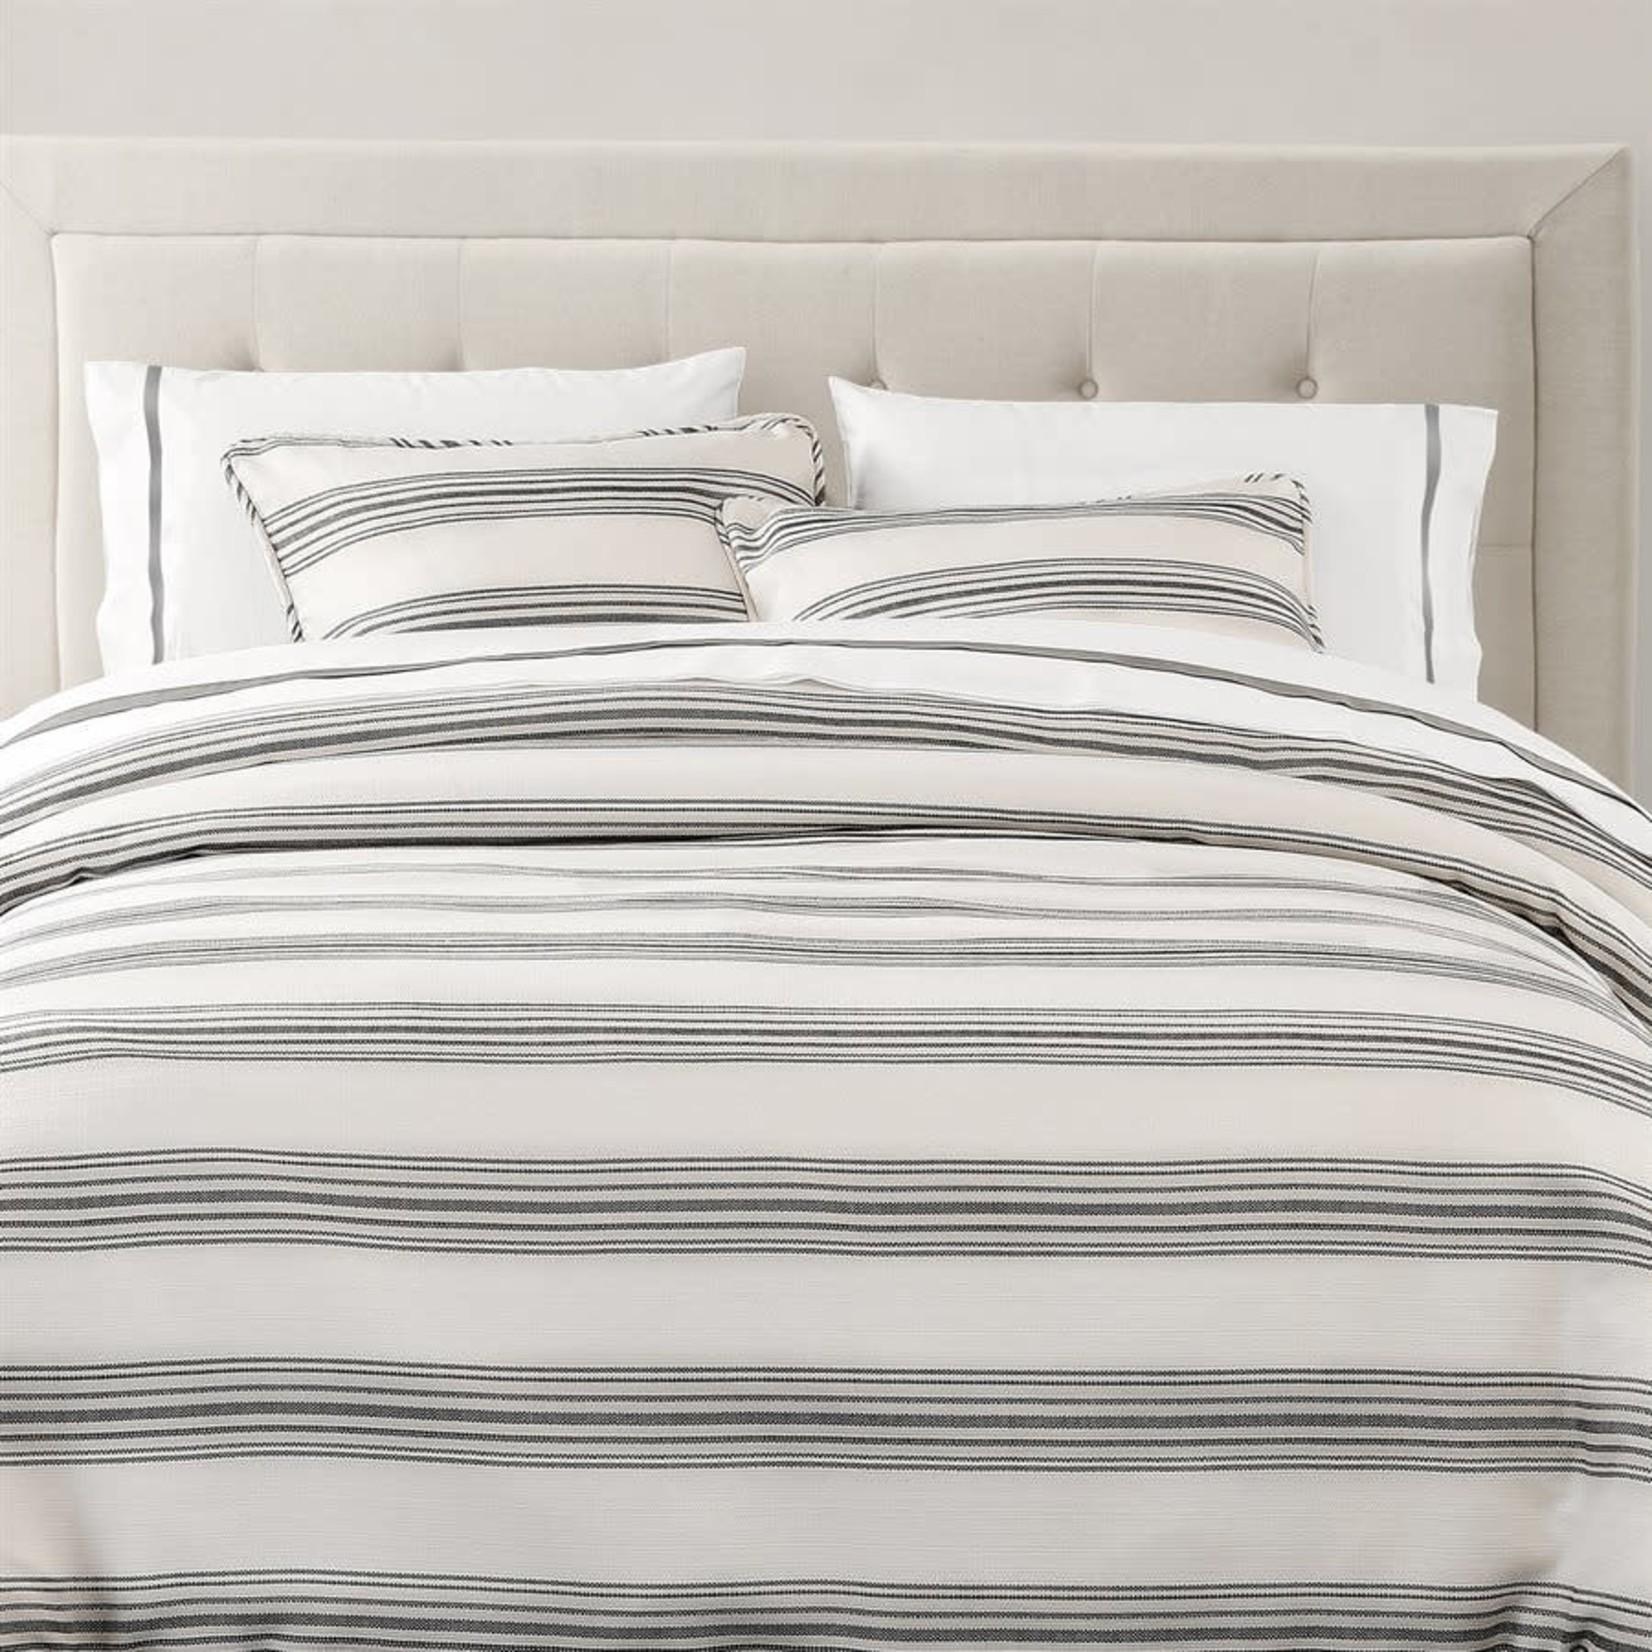 Blackberry Stripe Comforter Set